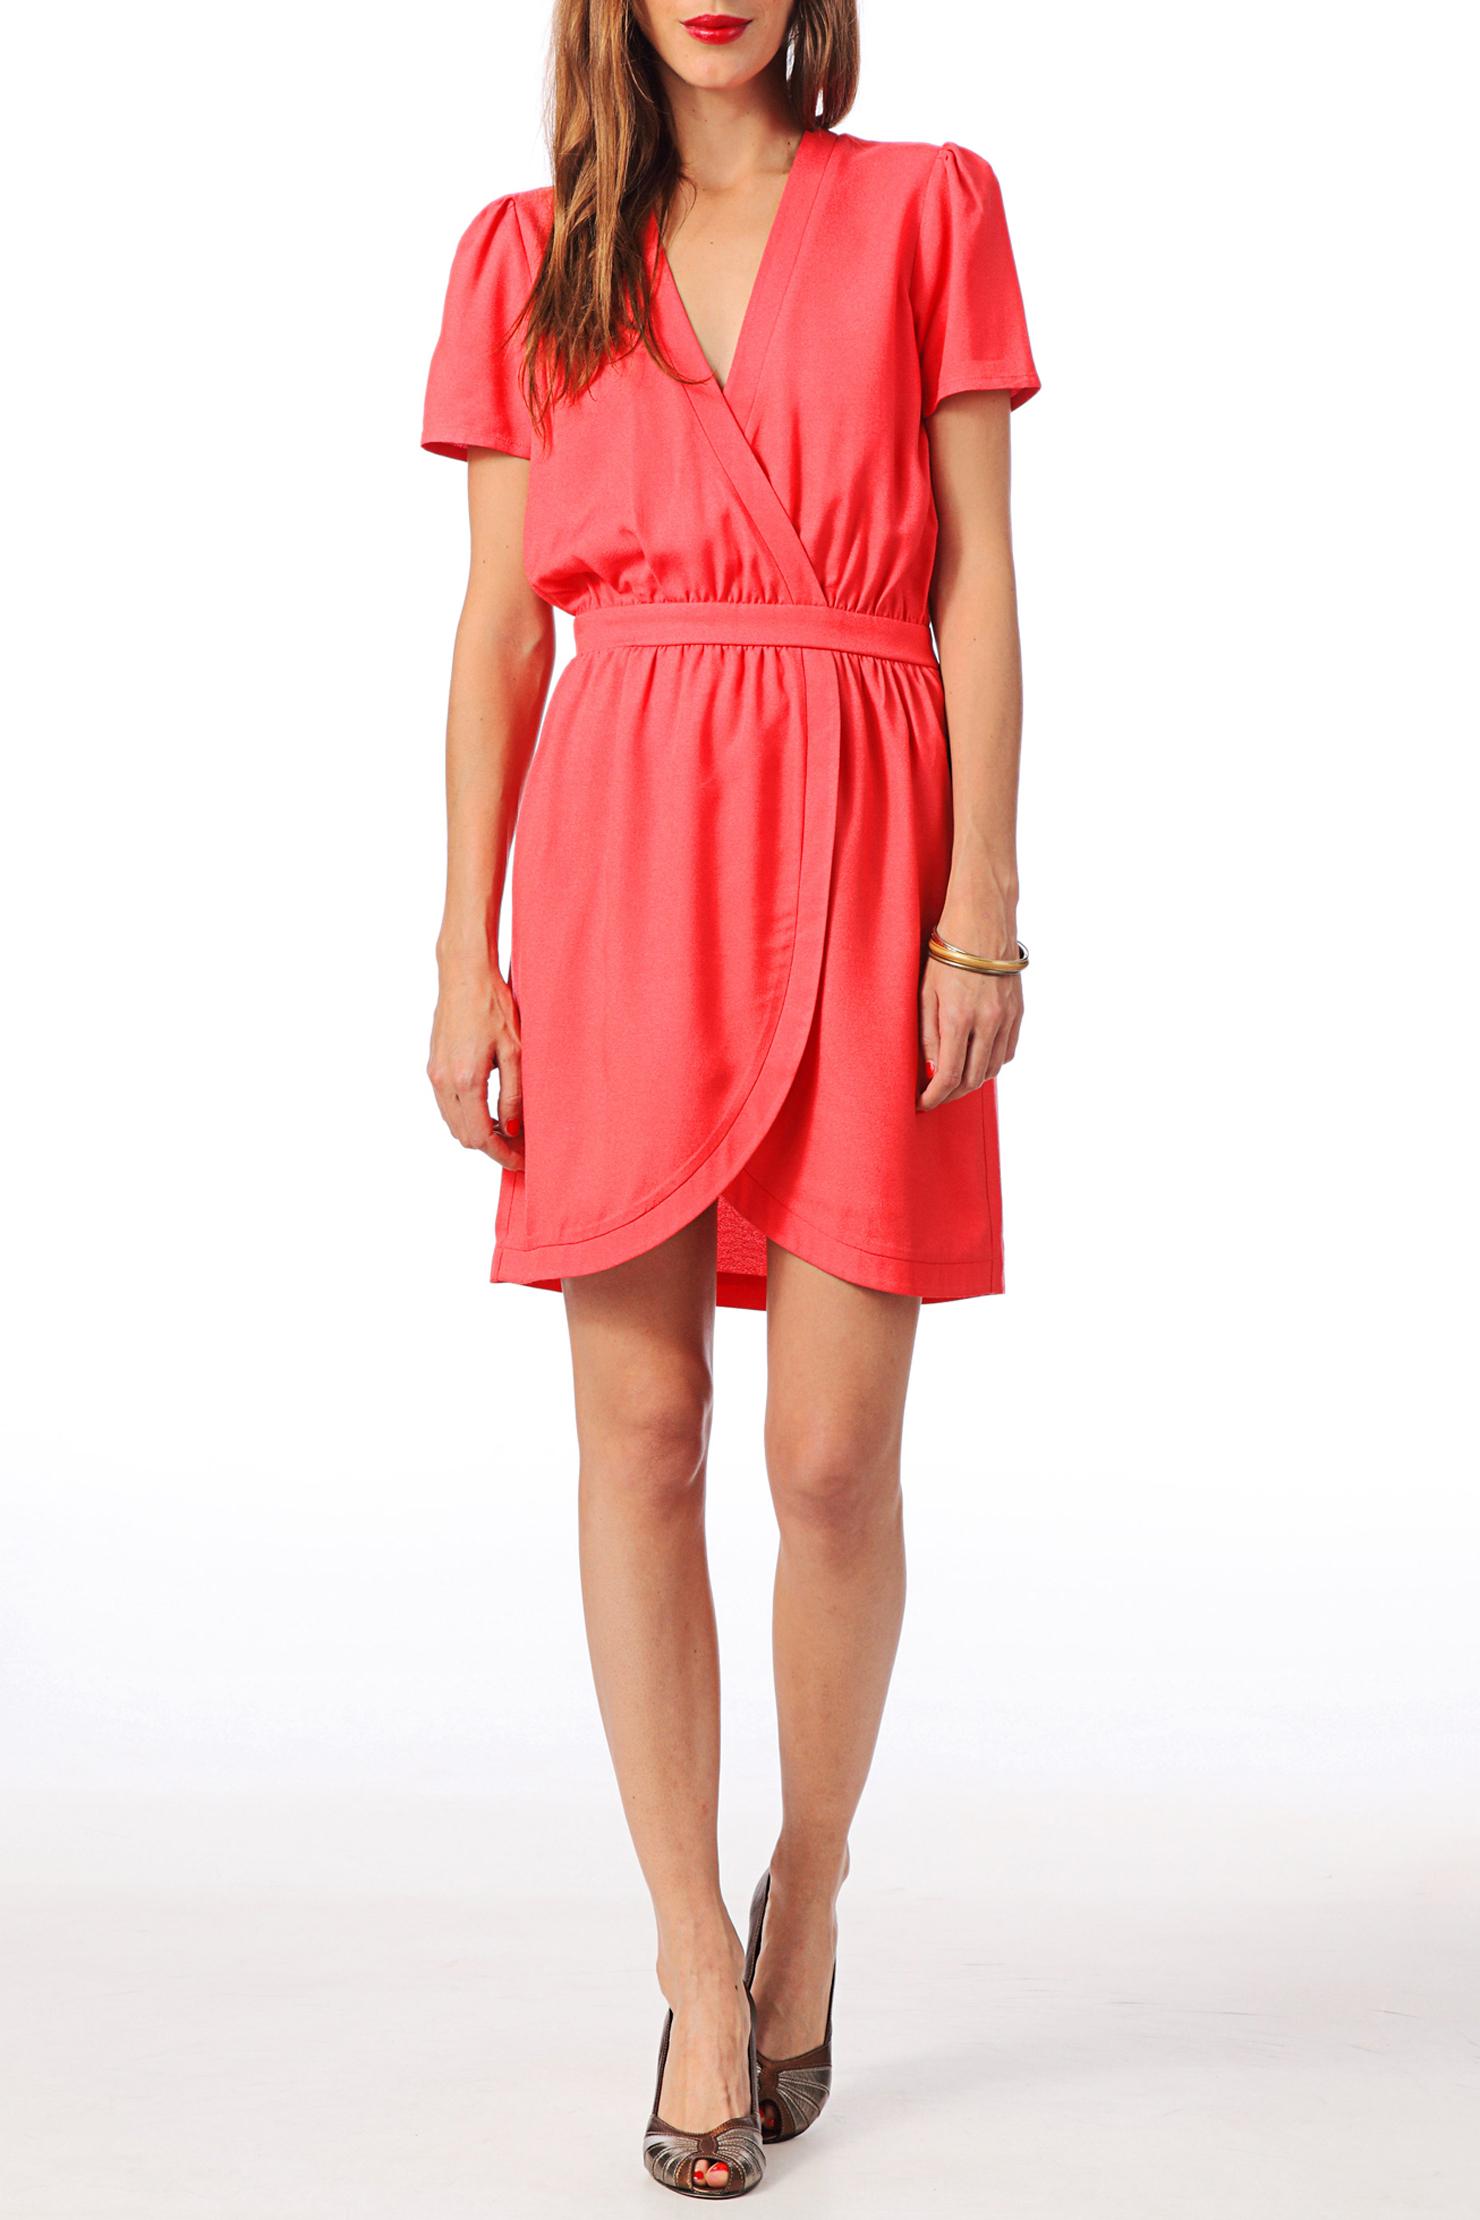 vestidos-color-coral-para-este-verano-2015